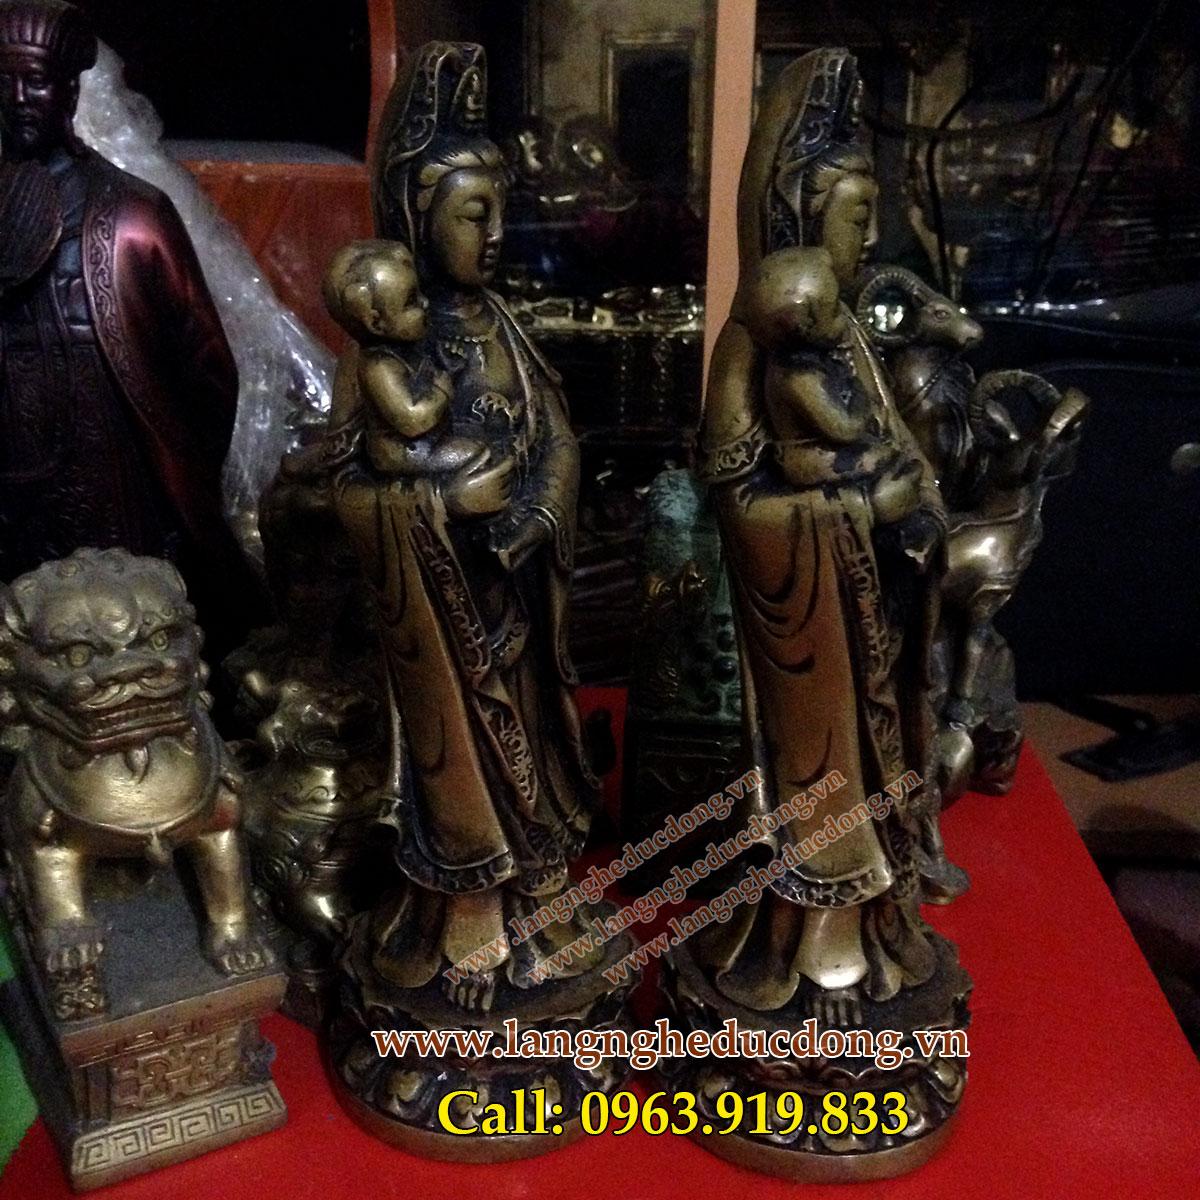 langngheducdong.vn - Tượng quan âm tống tử, quan âm bế trẻ cao 25cm, tượng quan âm bằng đồng